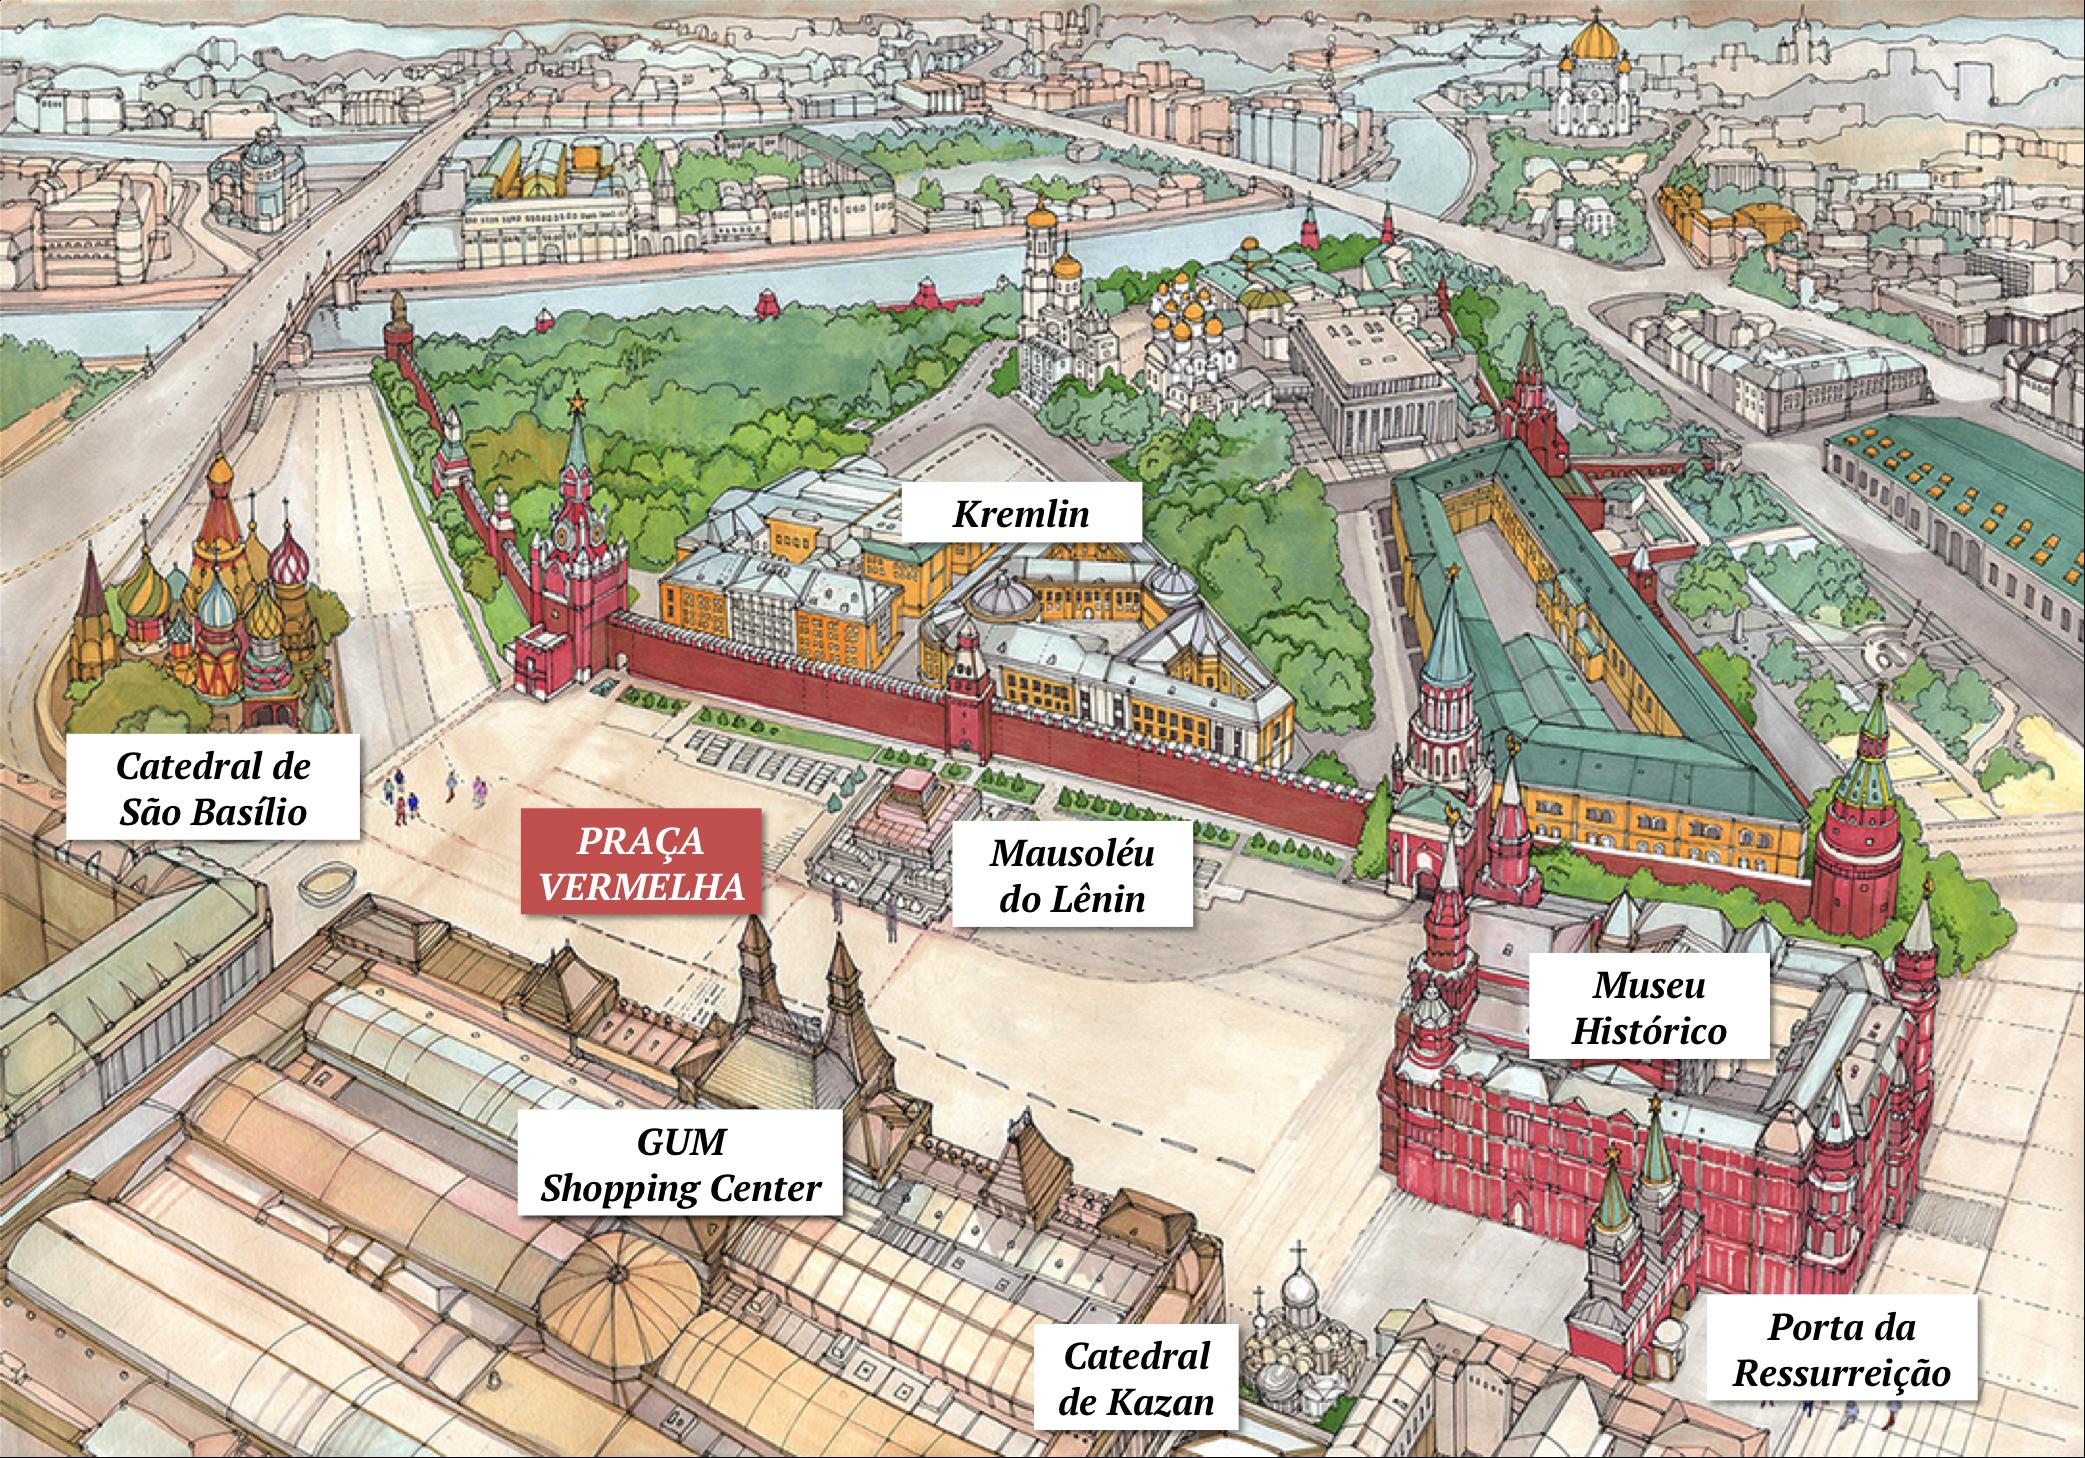 mapa praça vermelha red square map moscou moscow igrejas kremlin catedrais museu torres GUM